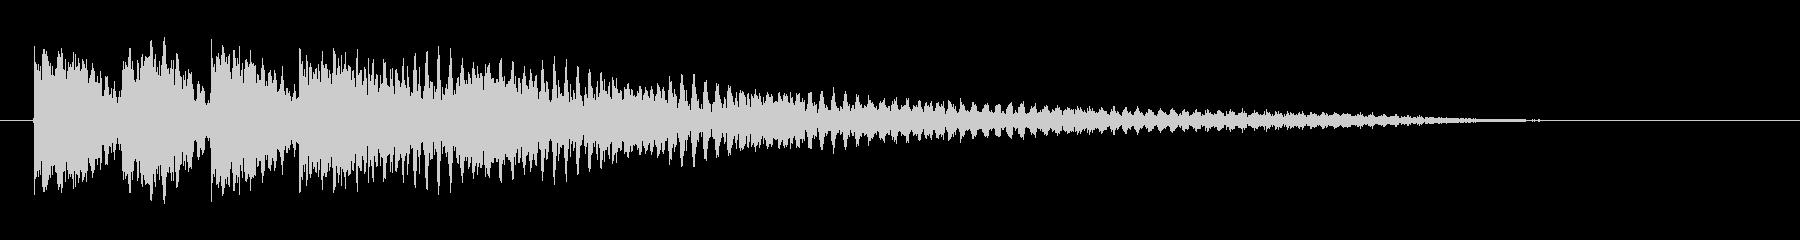 ガガガガーン サスペンス 衝撃 #5の未再生の波形